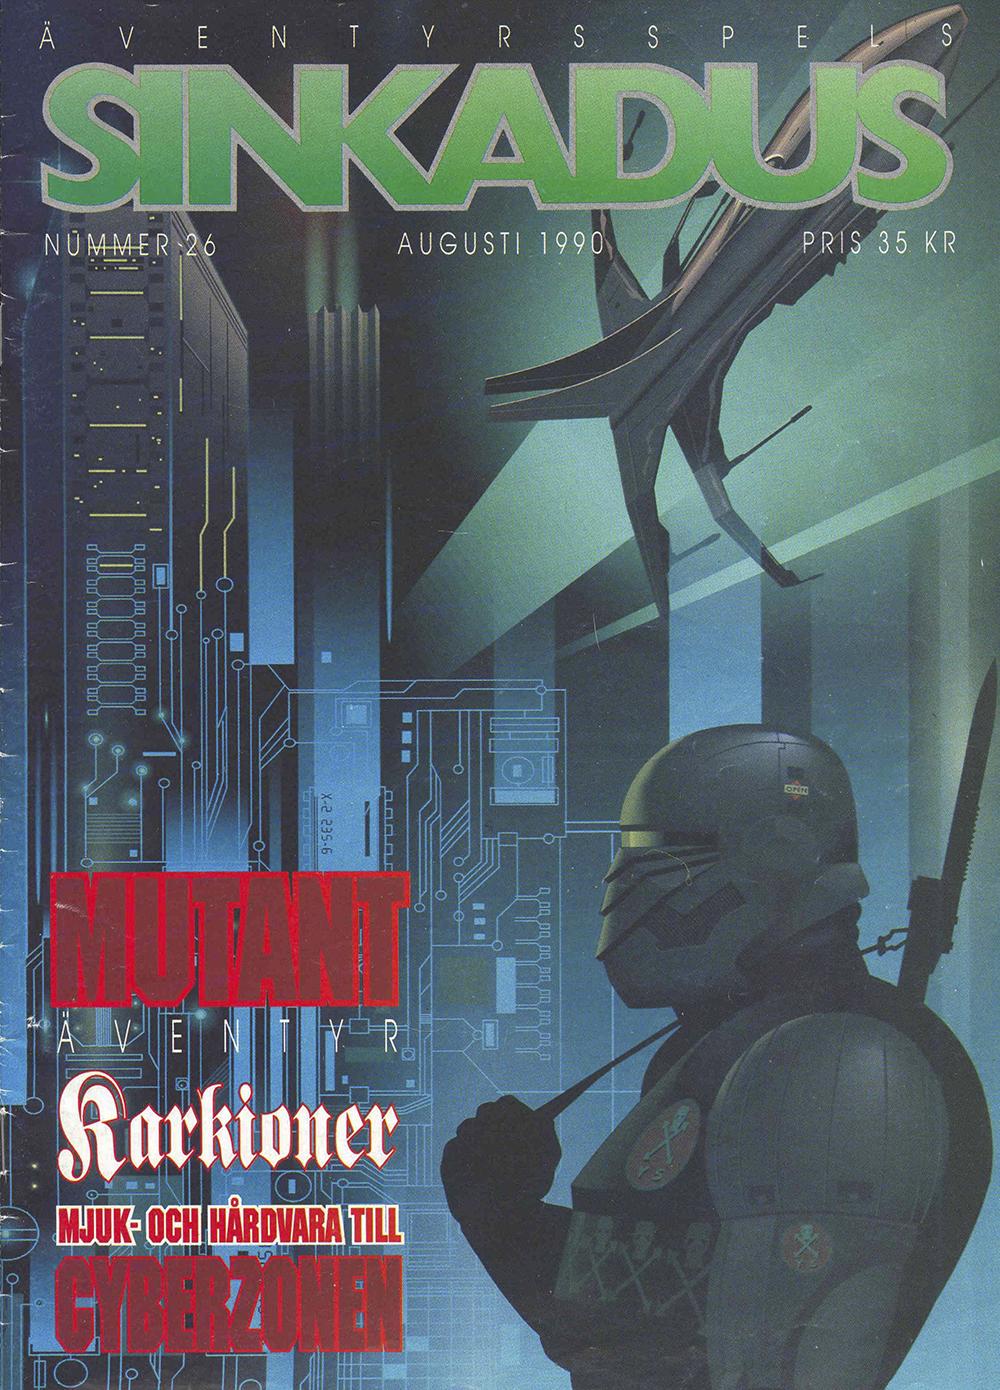 Sinkadus nummer 26. Mutant äventyr. Karkioner. Mjuk och hårdvara till Cyberzonen.